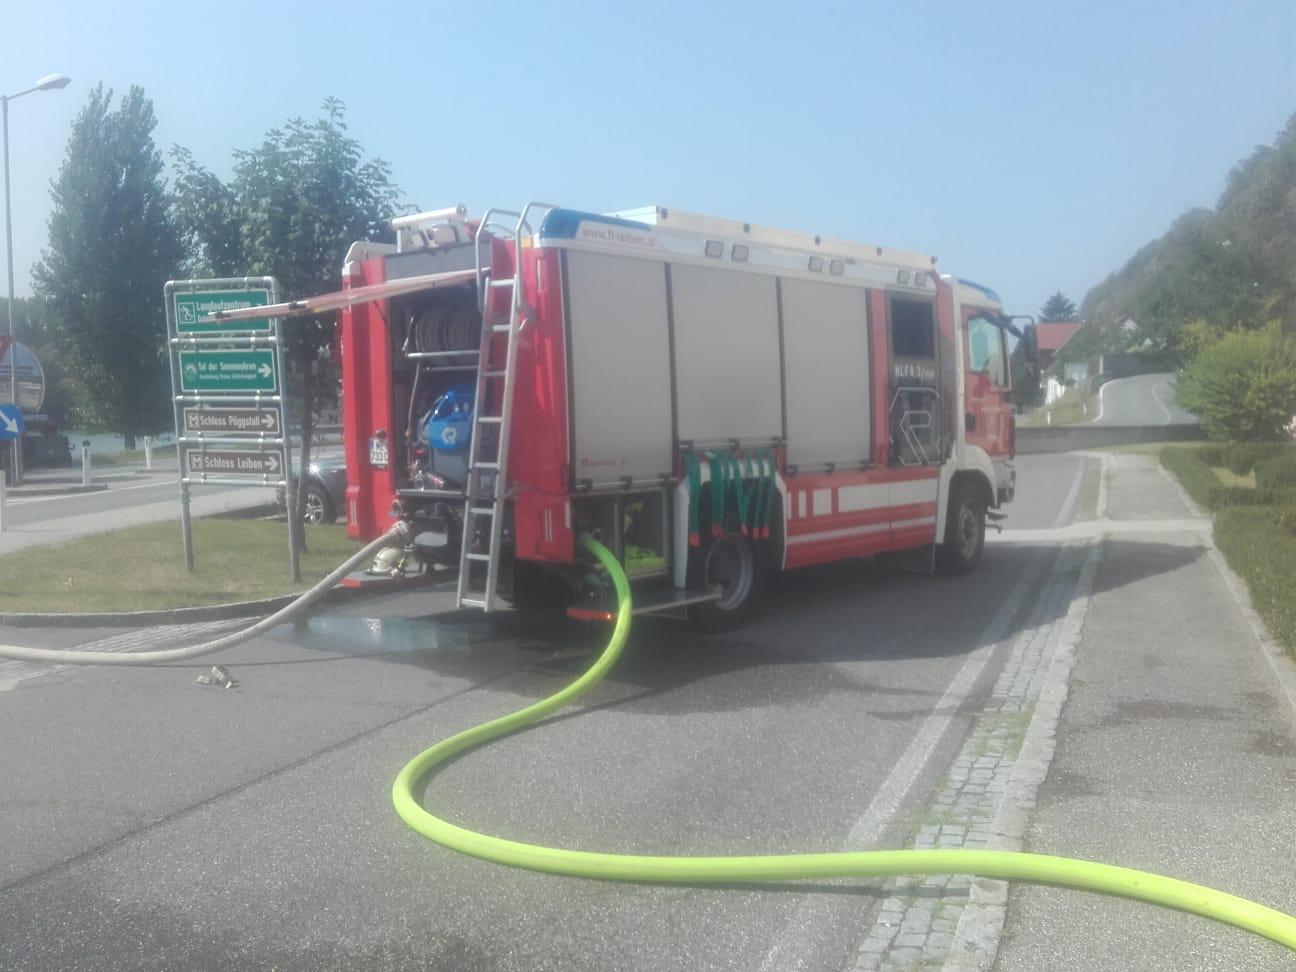 2018.08.29. Brandeinsatz in Weitenegg (5)